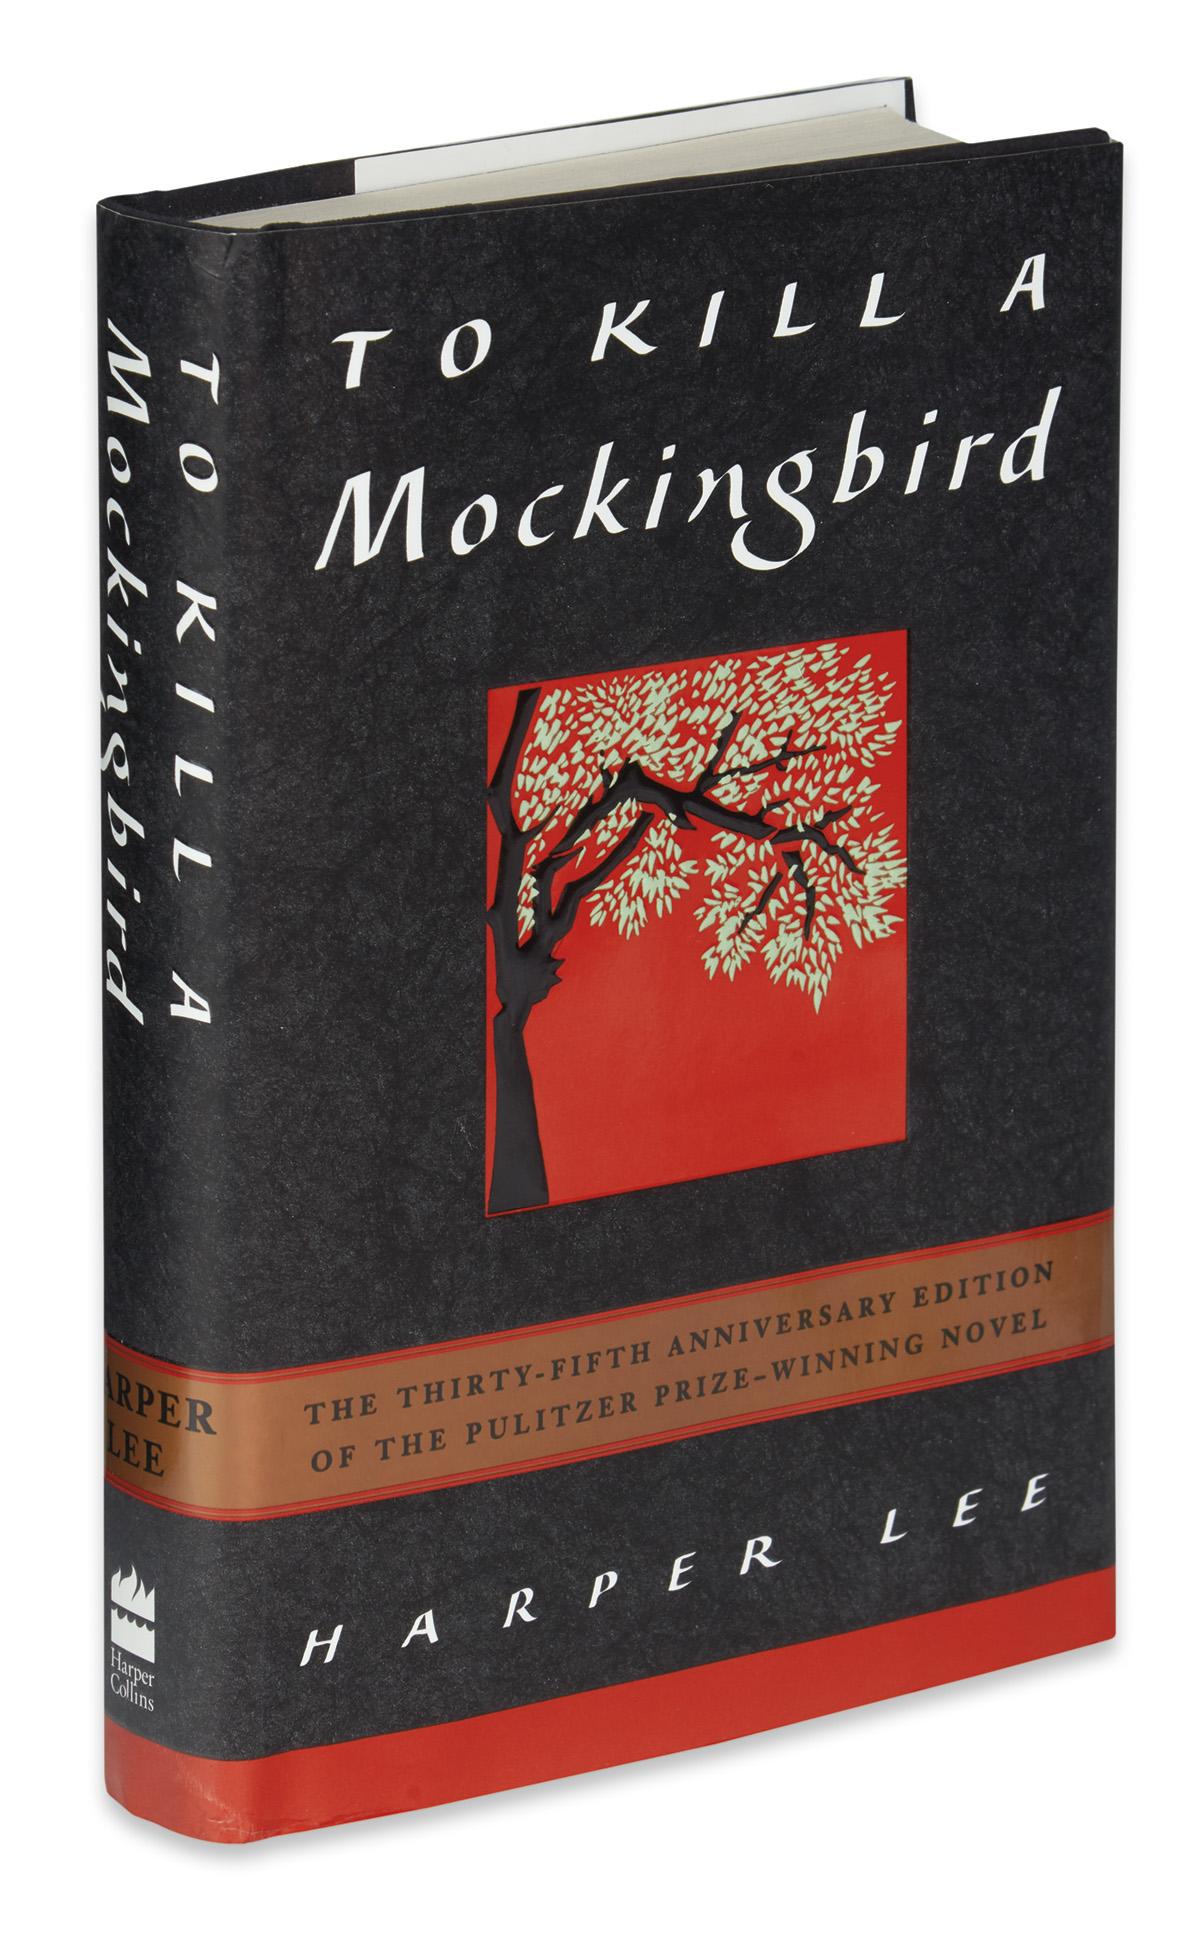 LEE-HARPER-To-Kill-A-Mockingbird